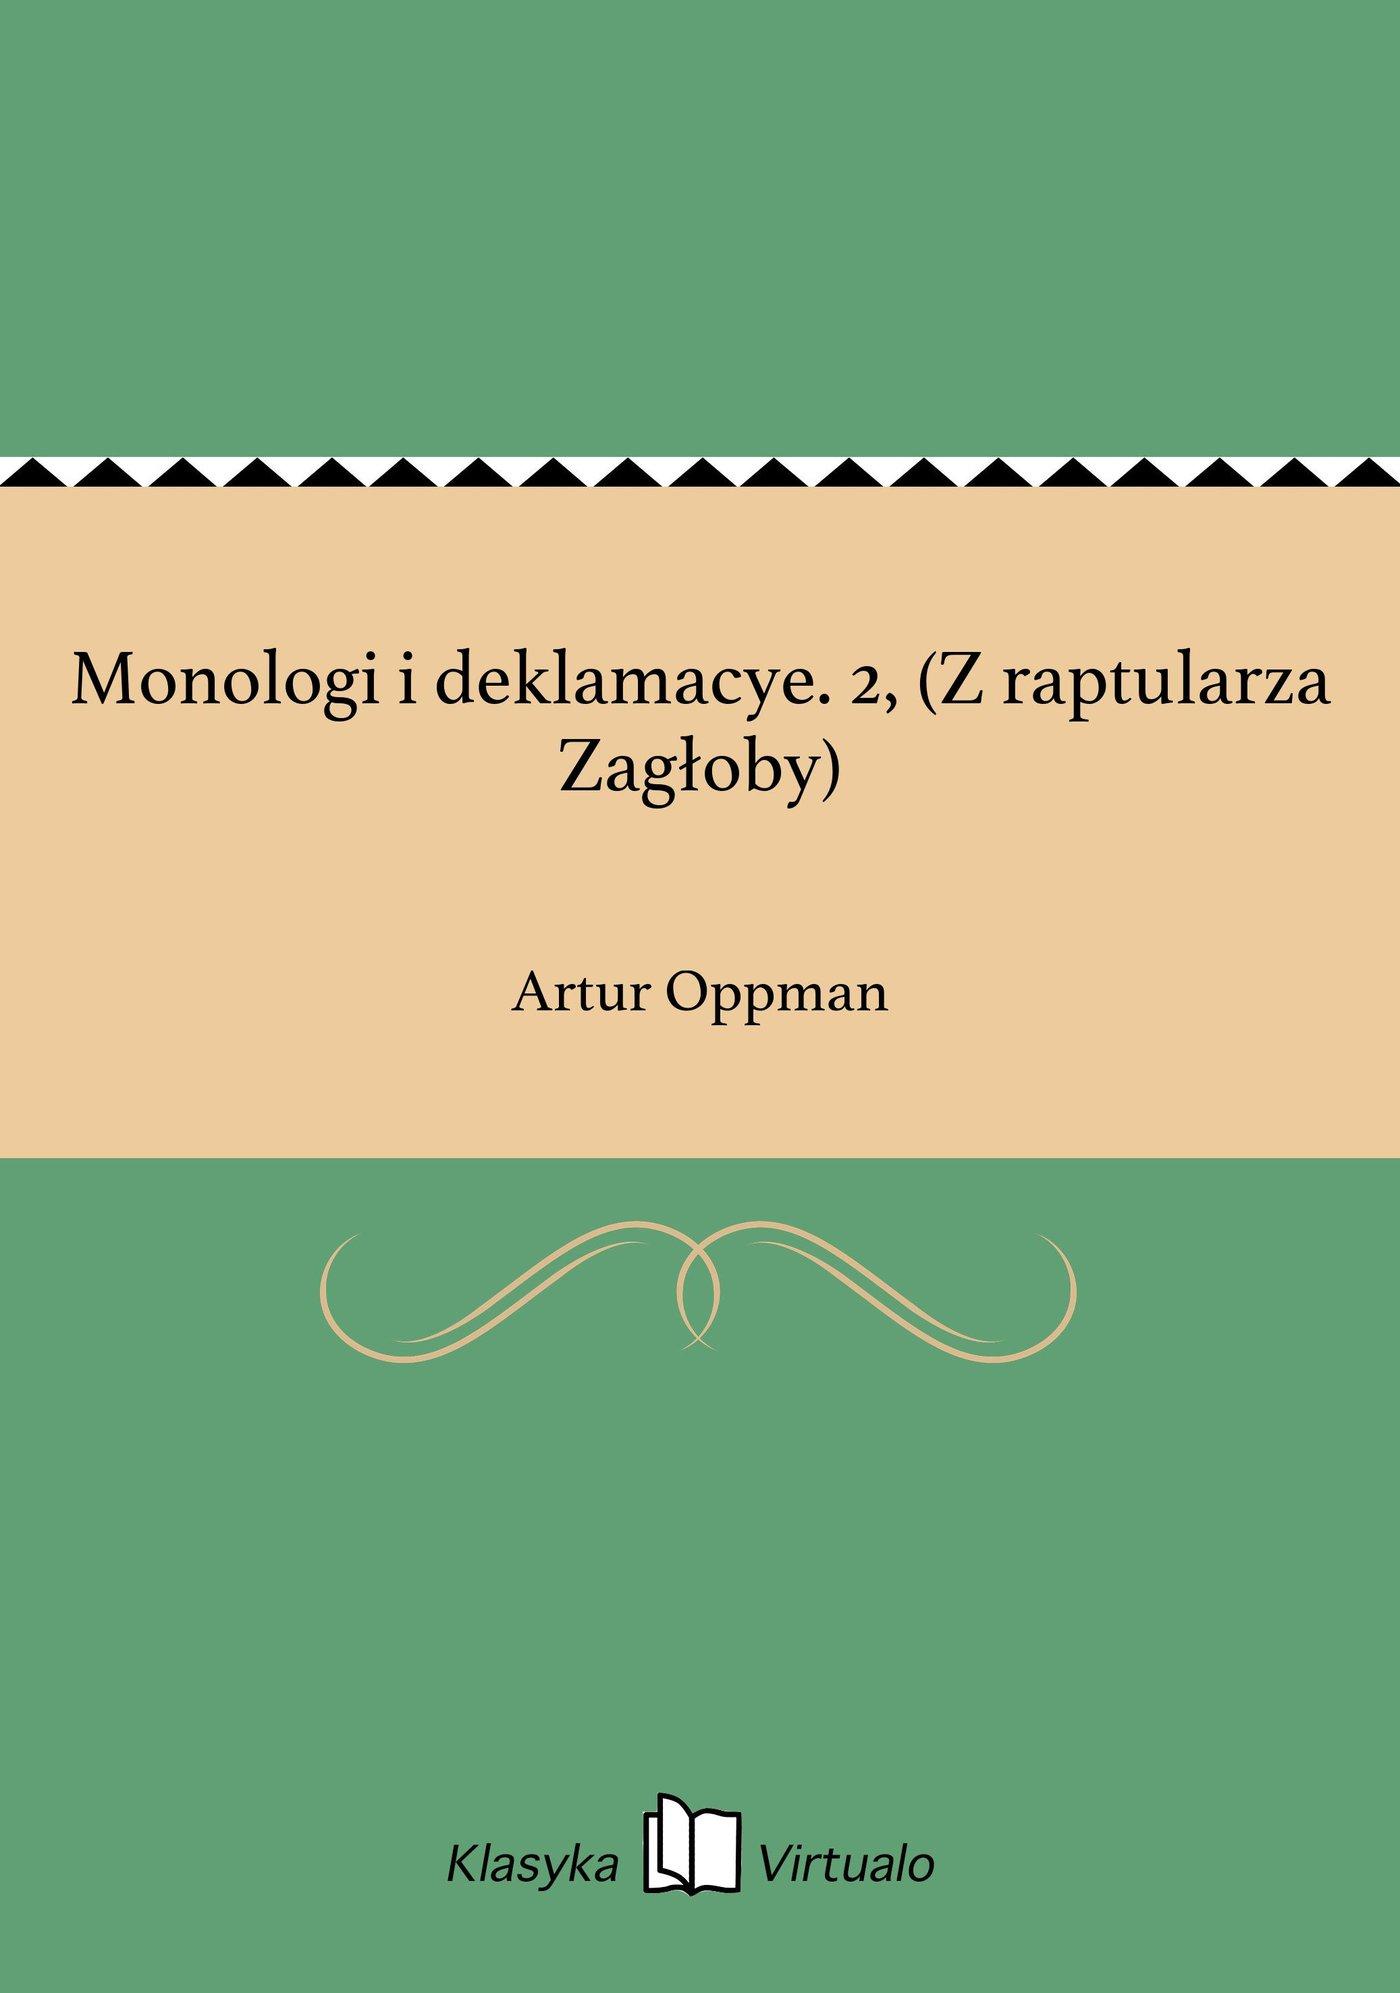 Monologi i deklamacye. 2, (Z raptularza Zagłoby) - Ebook (Książka EPUB) do pobrania w formacie EPUB